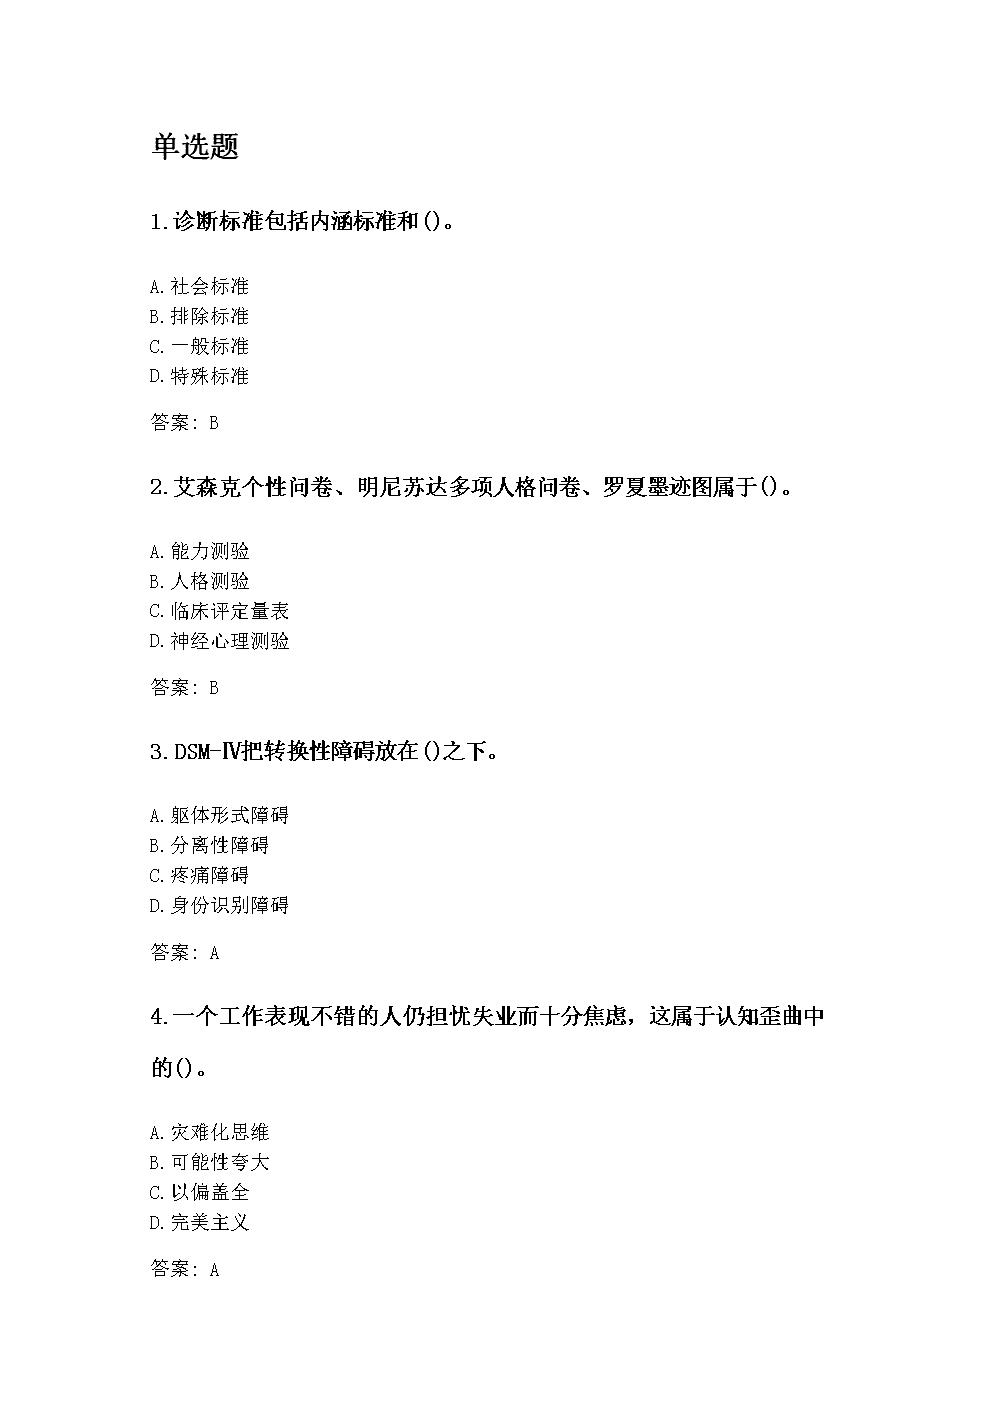 奥鹏东北师范大学2020年9月《变态心理学》考前练兵.doc